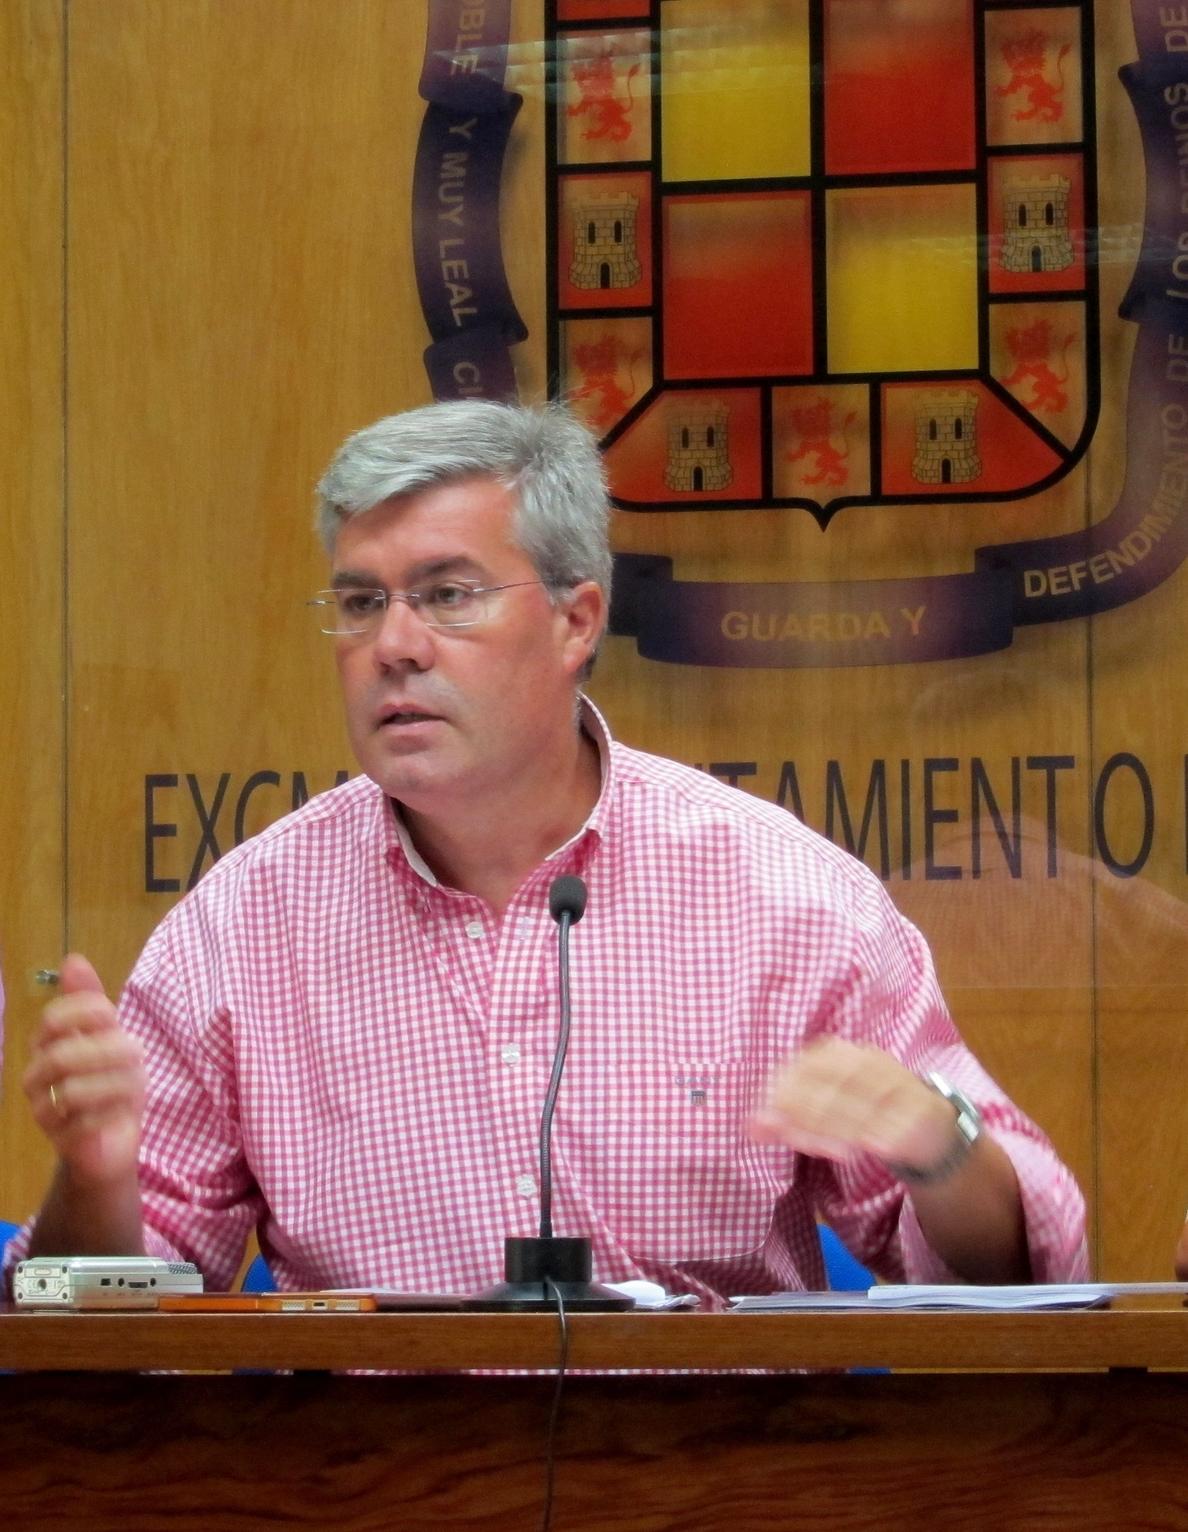 Alcalde ve que los presupuestos «ningunean» a Jaén y hará campaña «solar por solar» para denunciar incumplimientos